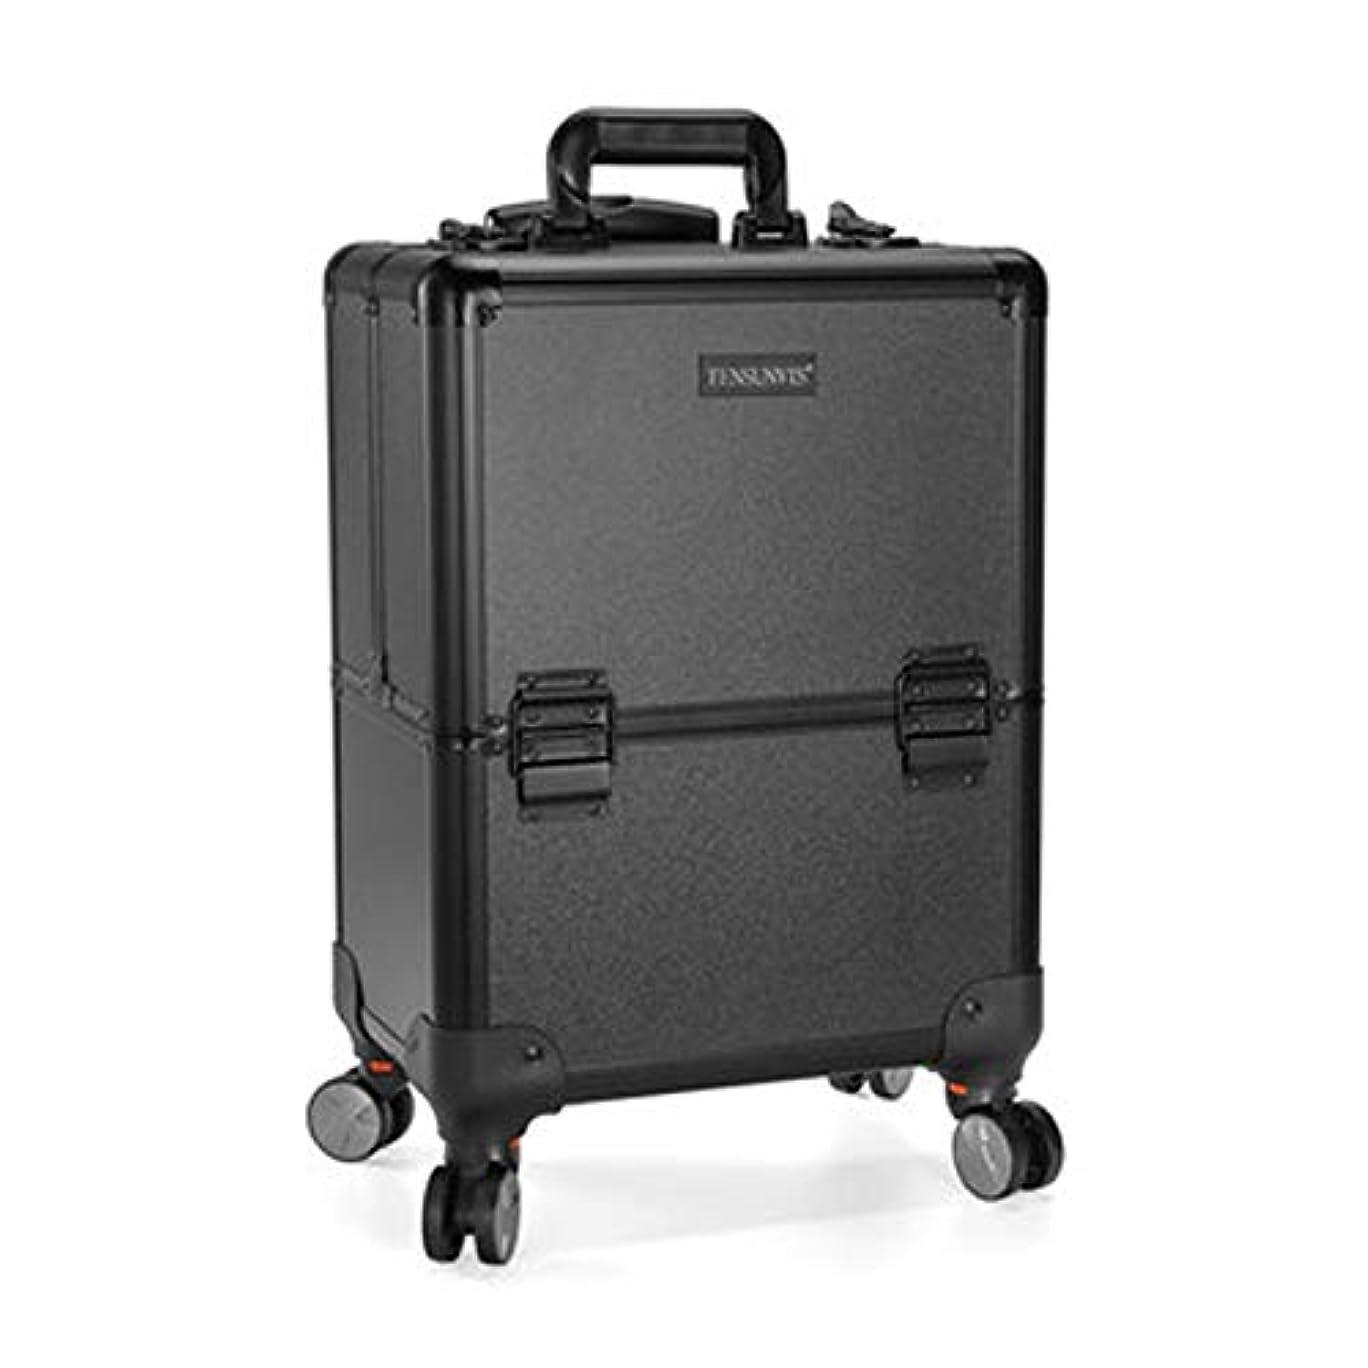 揃える中に考案するプロ専用 美容師 クローゼット スーツケース メイクボックス キャリーバッグ ヘアメイク プロ 大容量 軽量 高品質 多機能 I-TT-317T-B